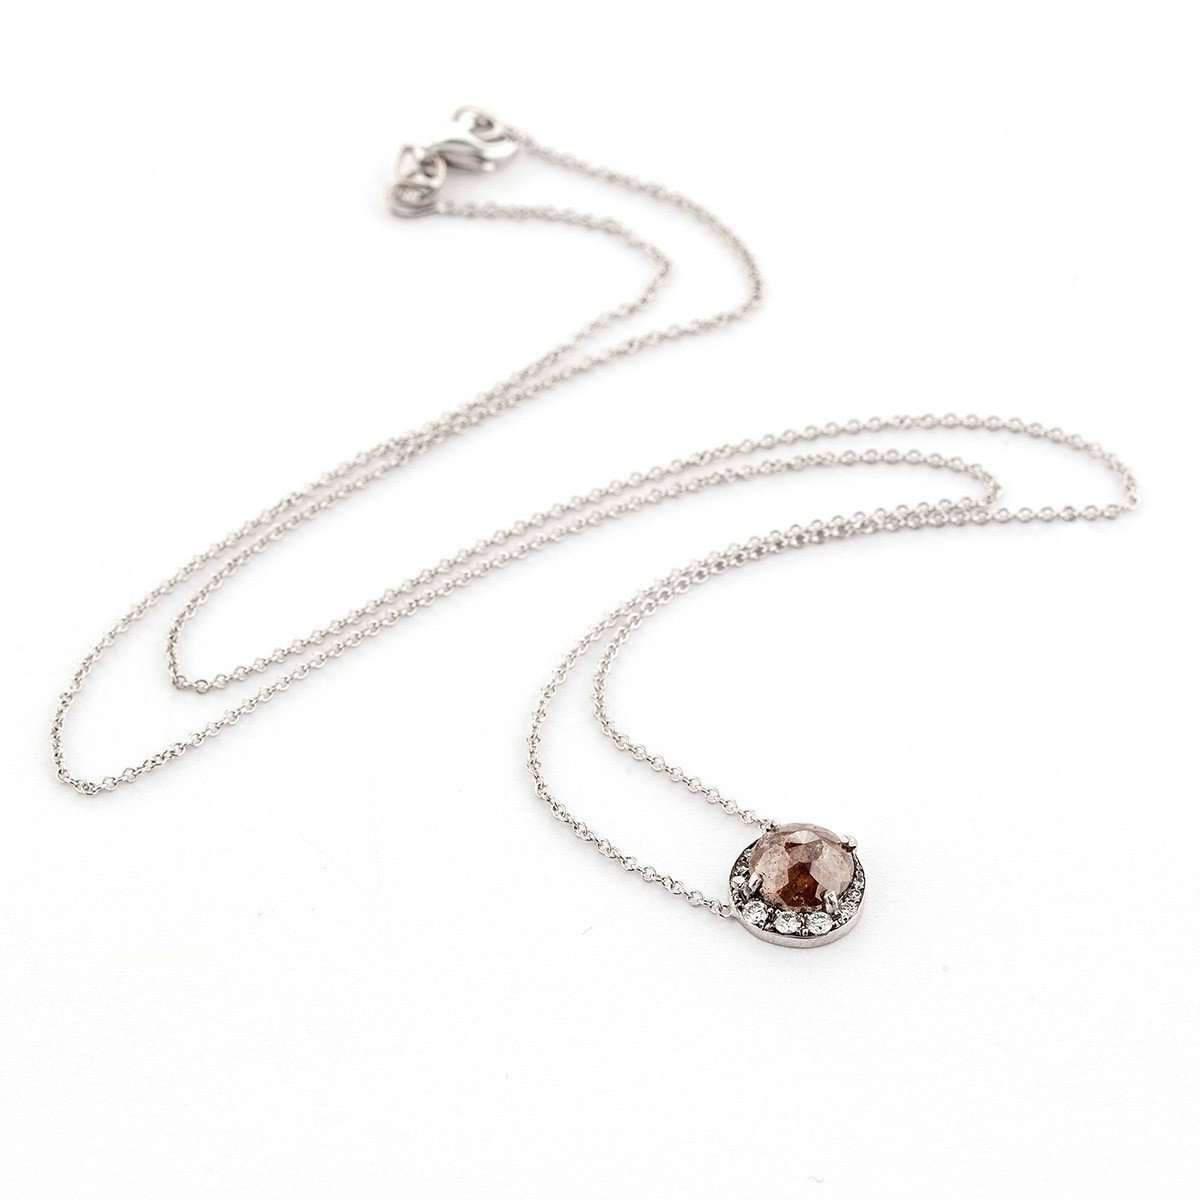 Sylva & Cie. White Gold Rough Diamond Moon Pendant With Chain hzhj2O